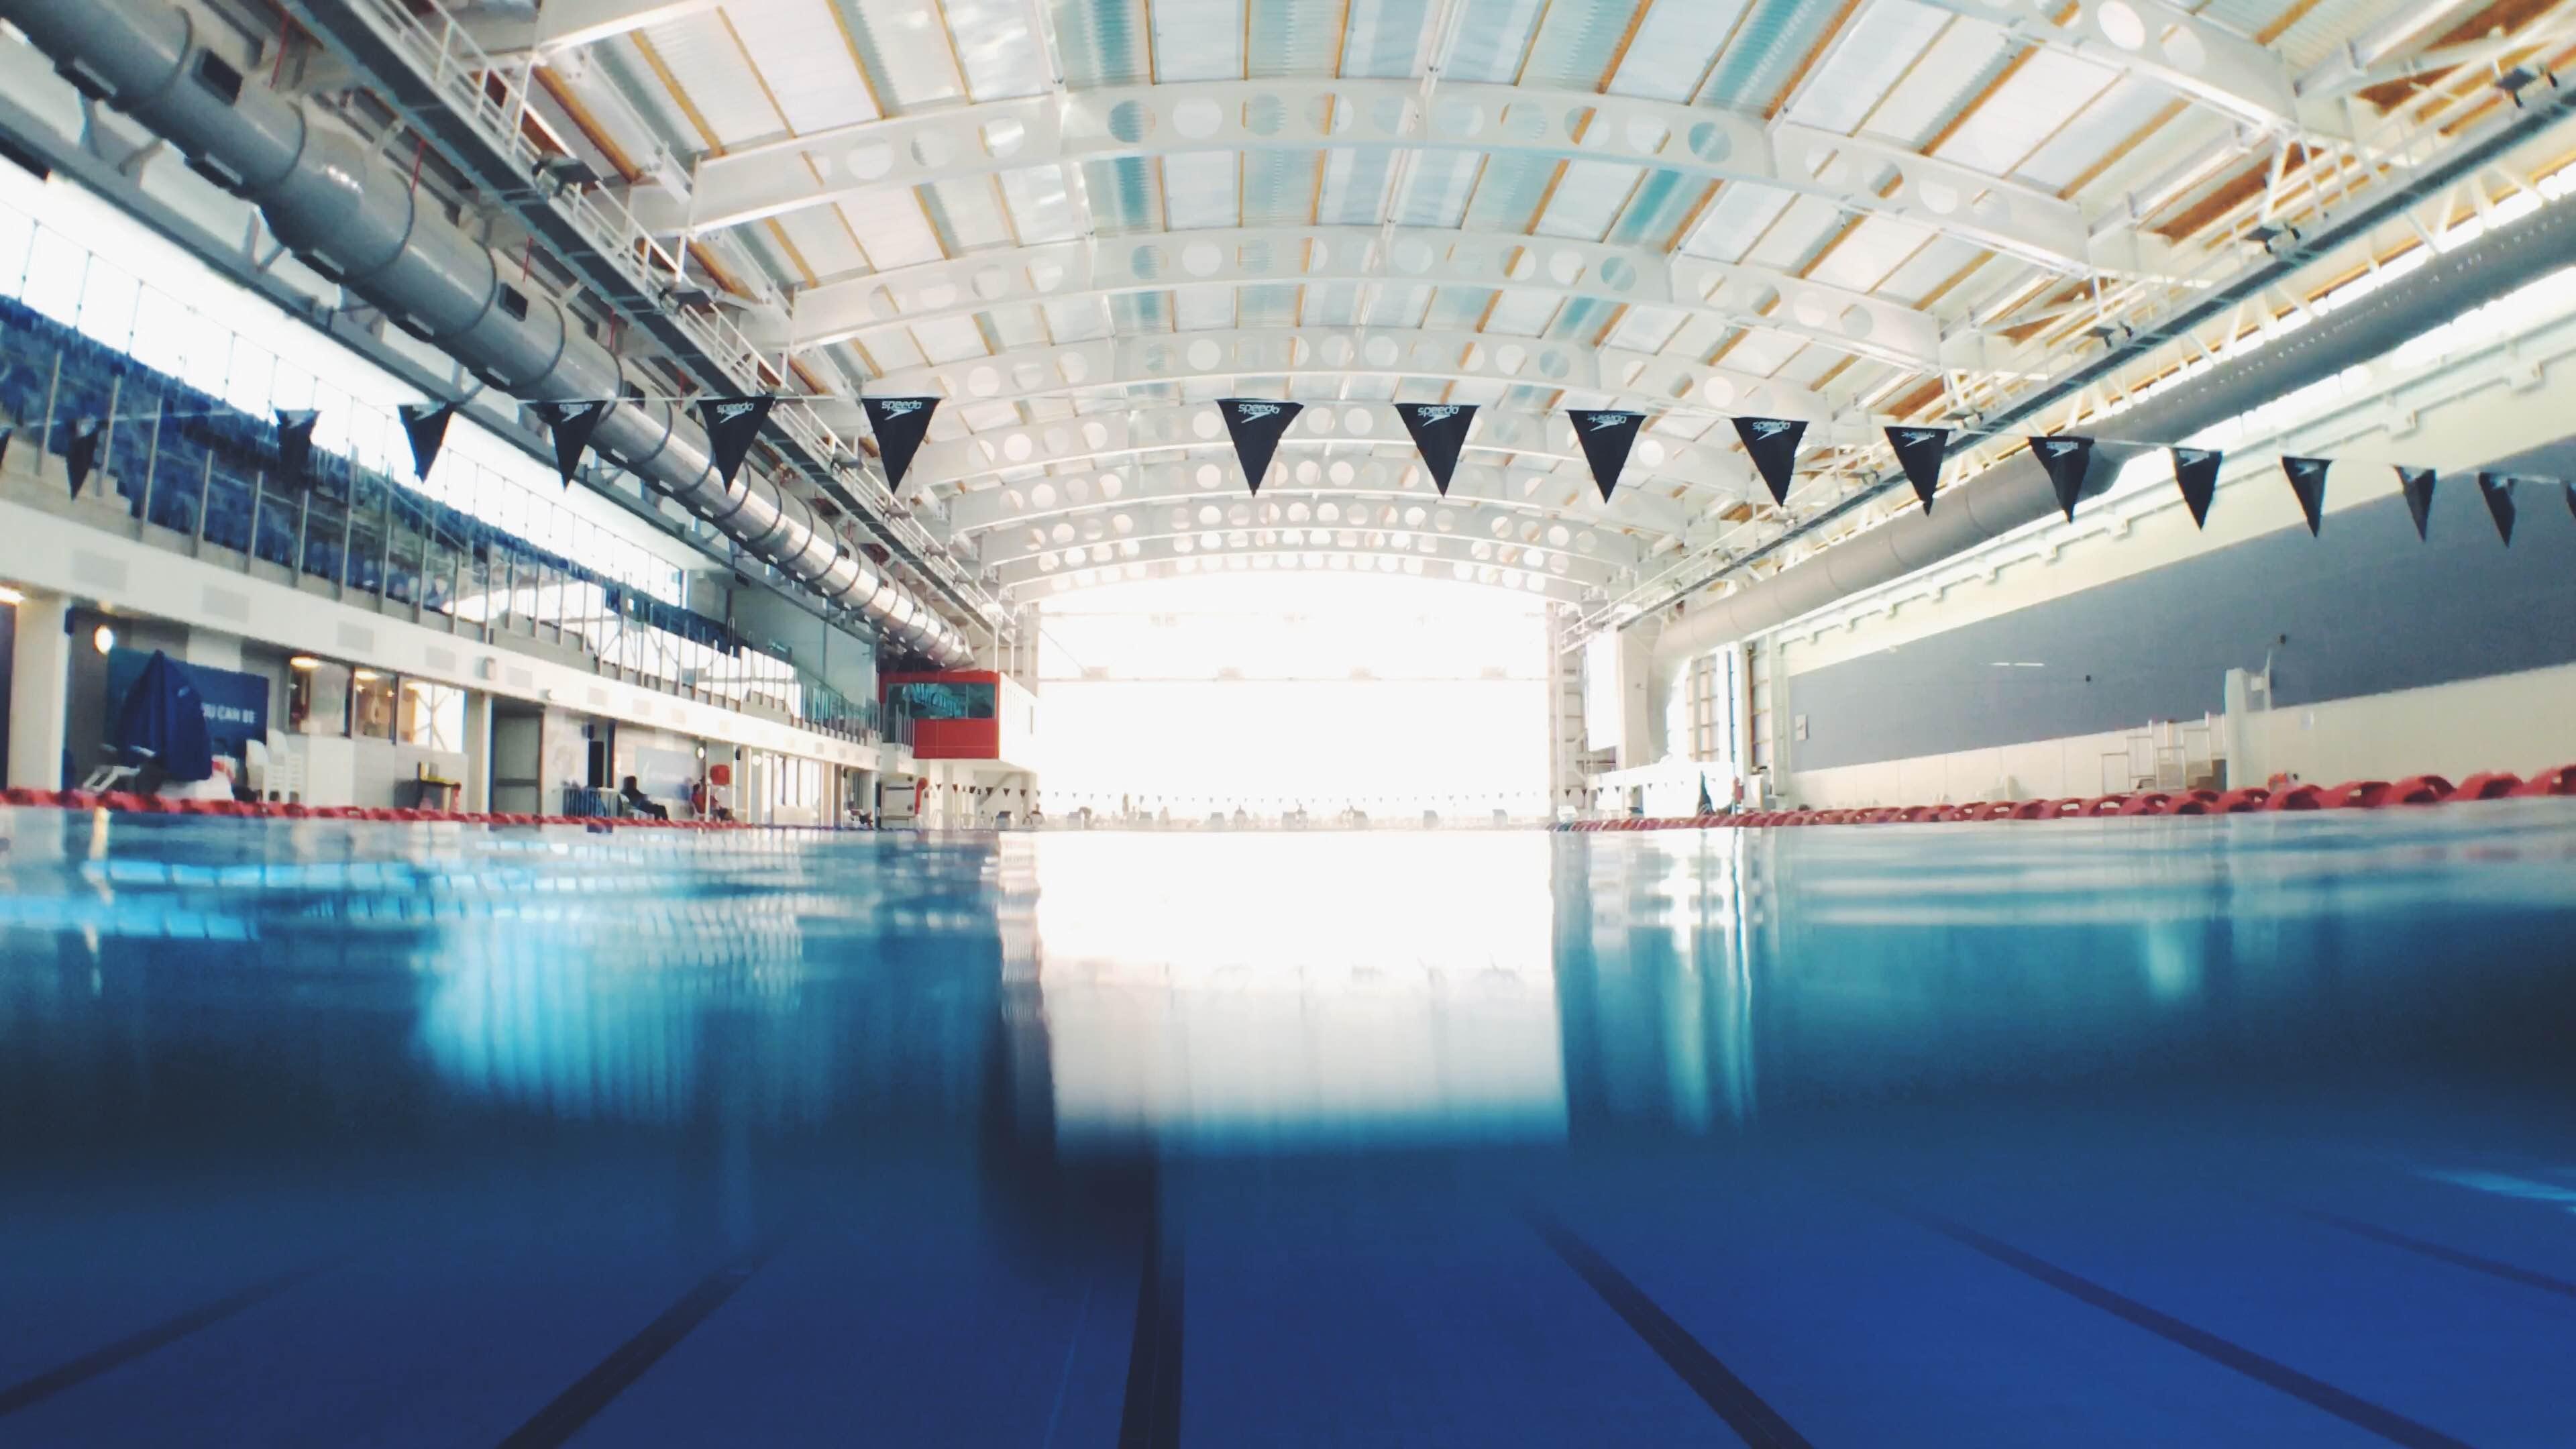 Chlorine is used to keep swimming pools clean